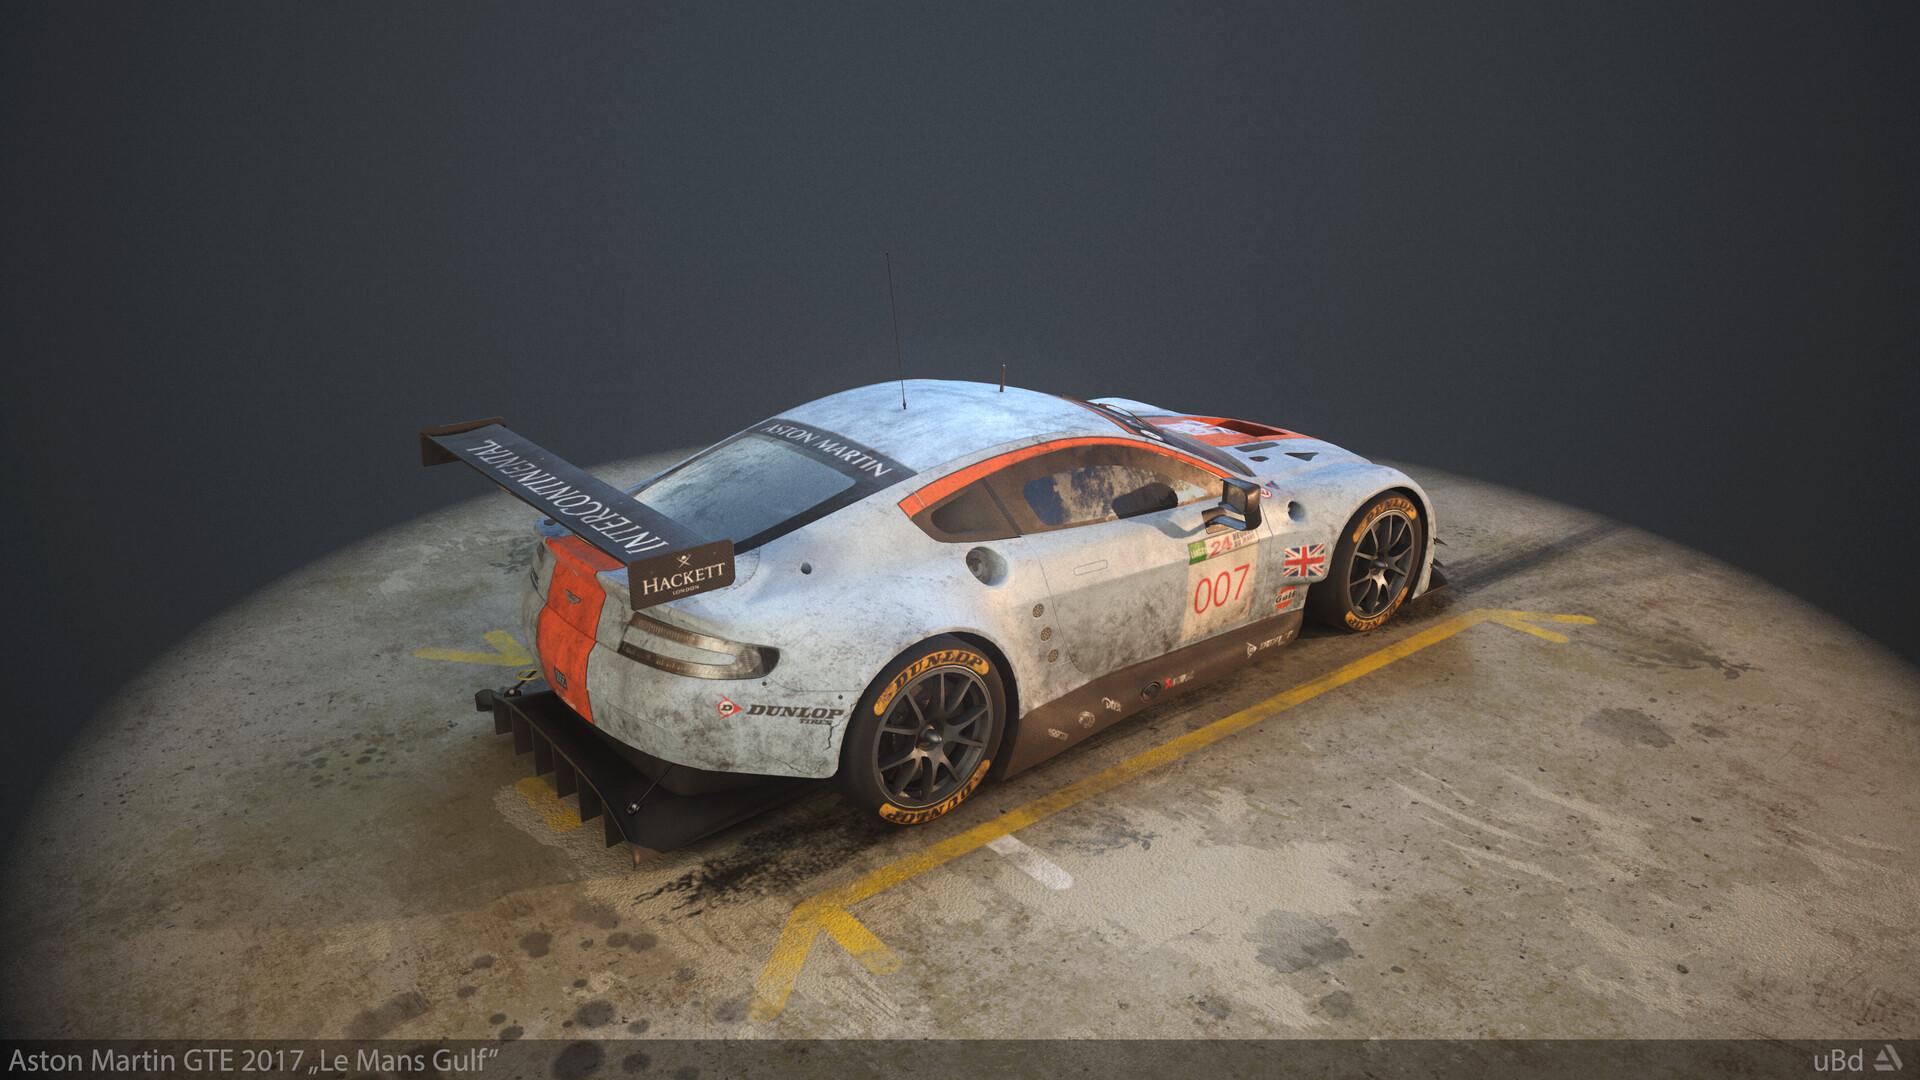 Tamas Feitscher Ubd Aston Martin Gte 2017 Le Mans Gulf